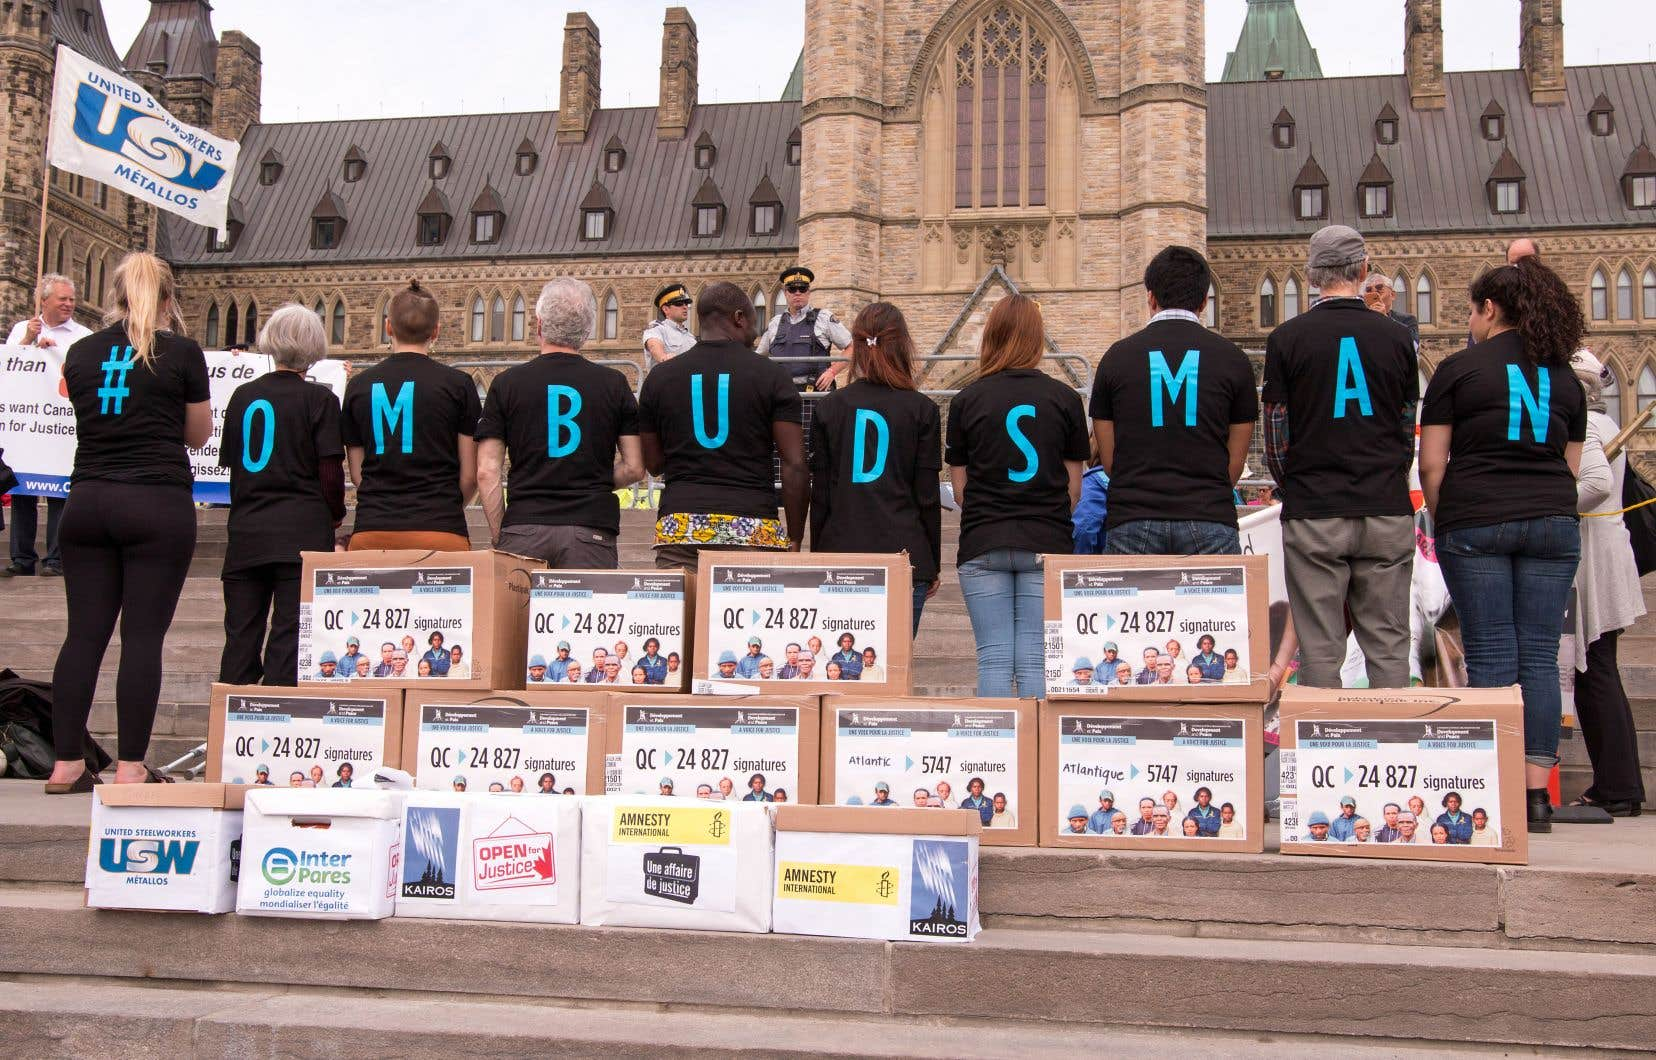 Au Canada, 500 000 personnes se sont mobilisées au cours des 10 dernières années pour réclamer la création du poste d'ombudsman. Ces militants se sont rassemblés à deux reprises sur la colline parlementaire à Ottawa pour faire pression sur le gouvernement fédéral.